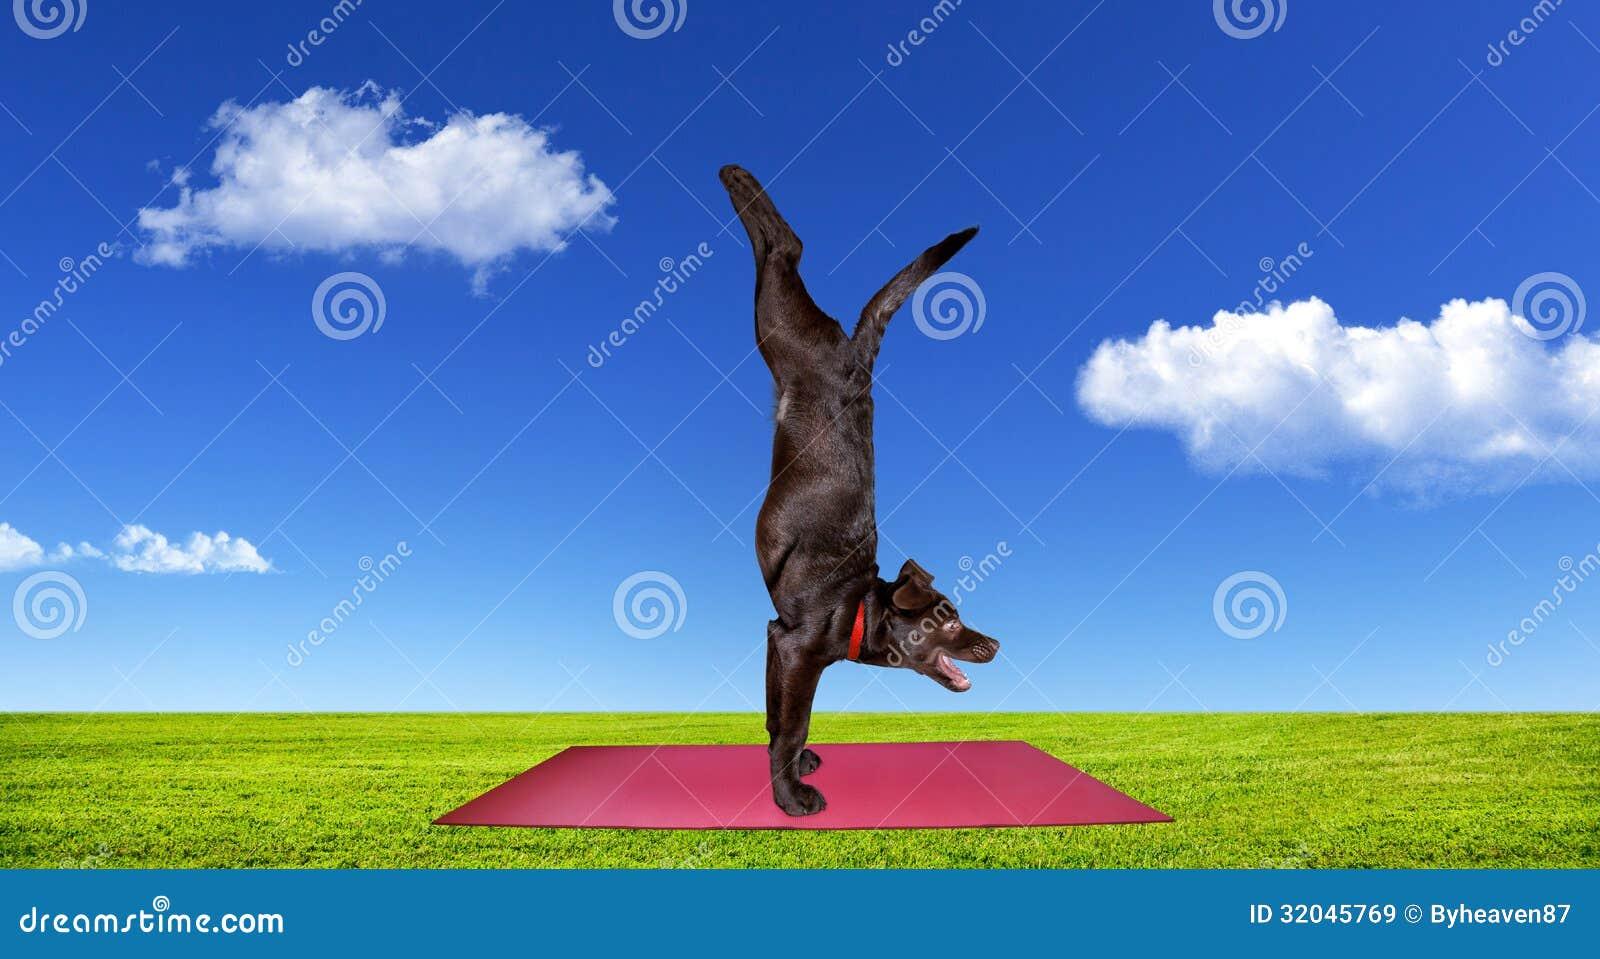 Dog Doing Yoga Royalty Free Stock Images Image 32045769